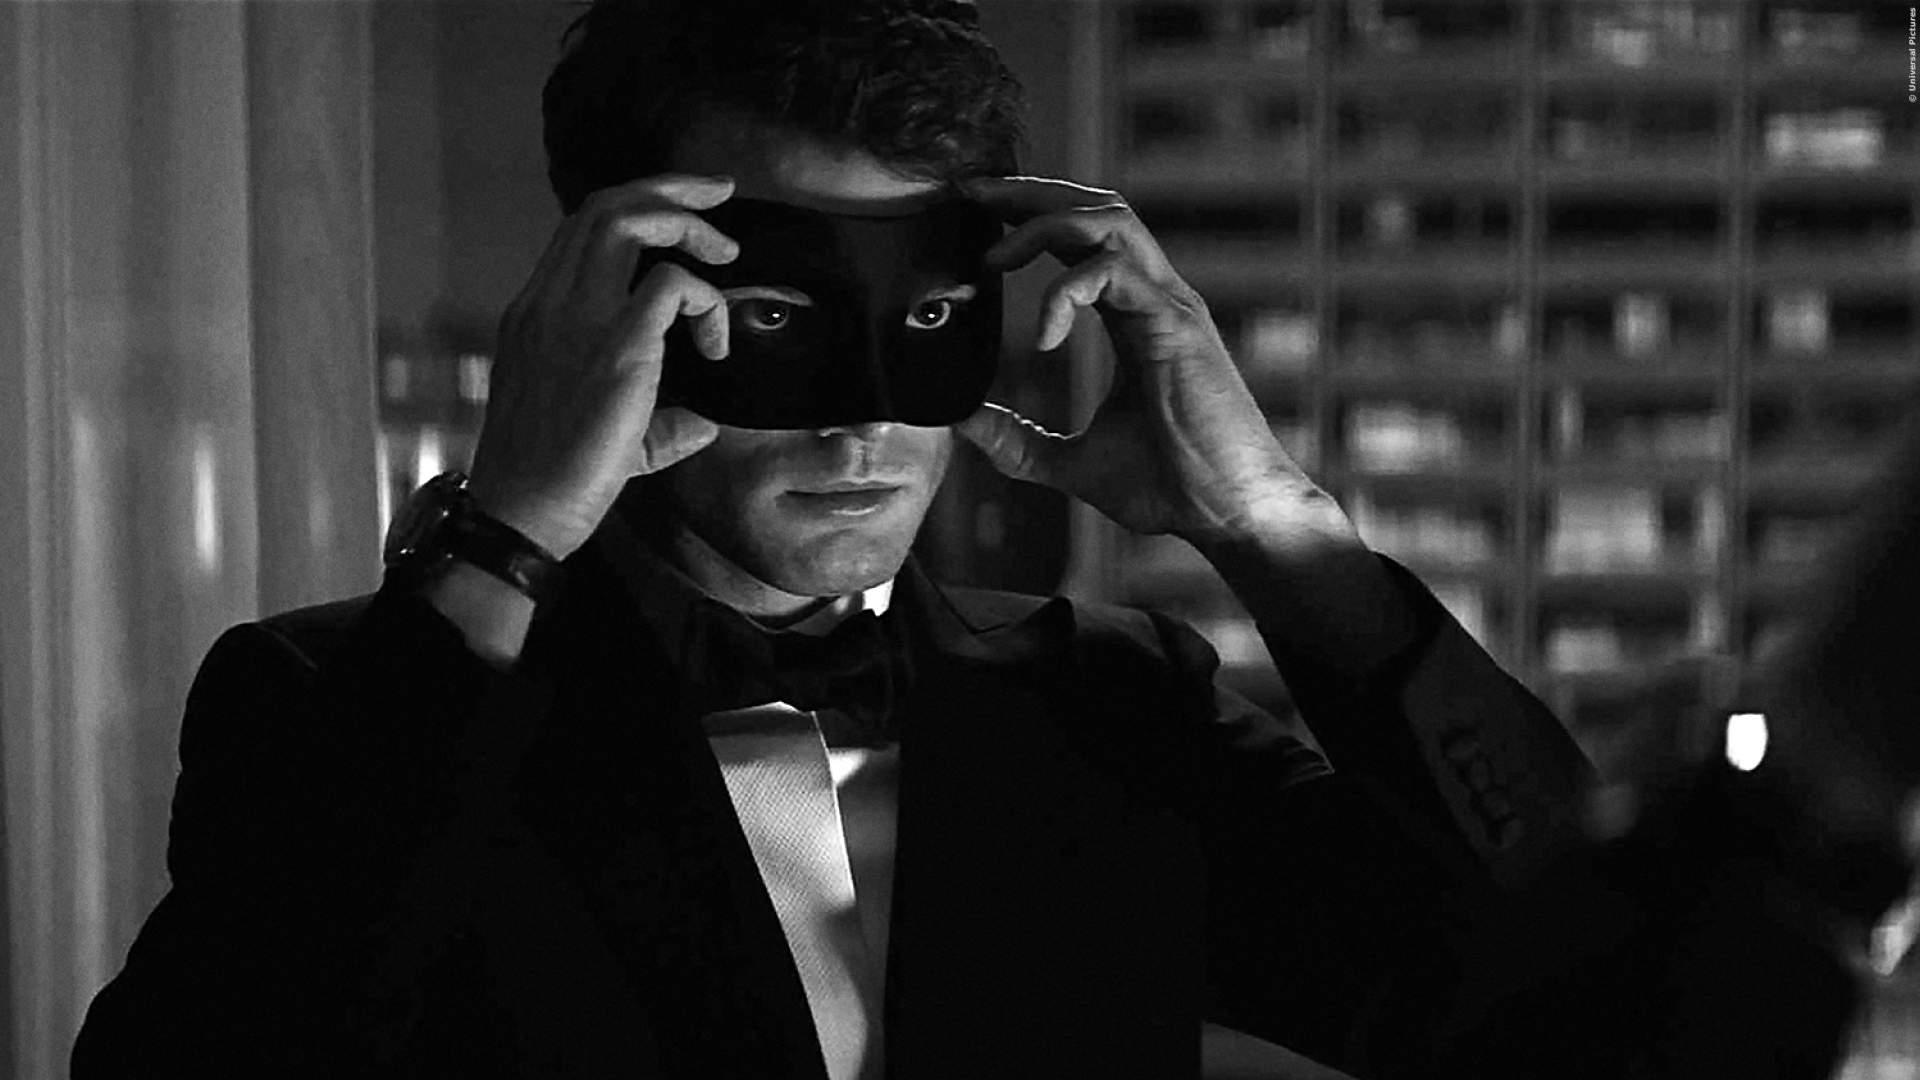 Fifty Shades Of Grey 2 Film: 10 Fakten zum SM-Drama - Bild 2 von 5